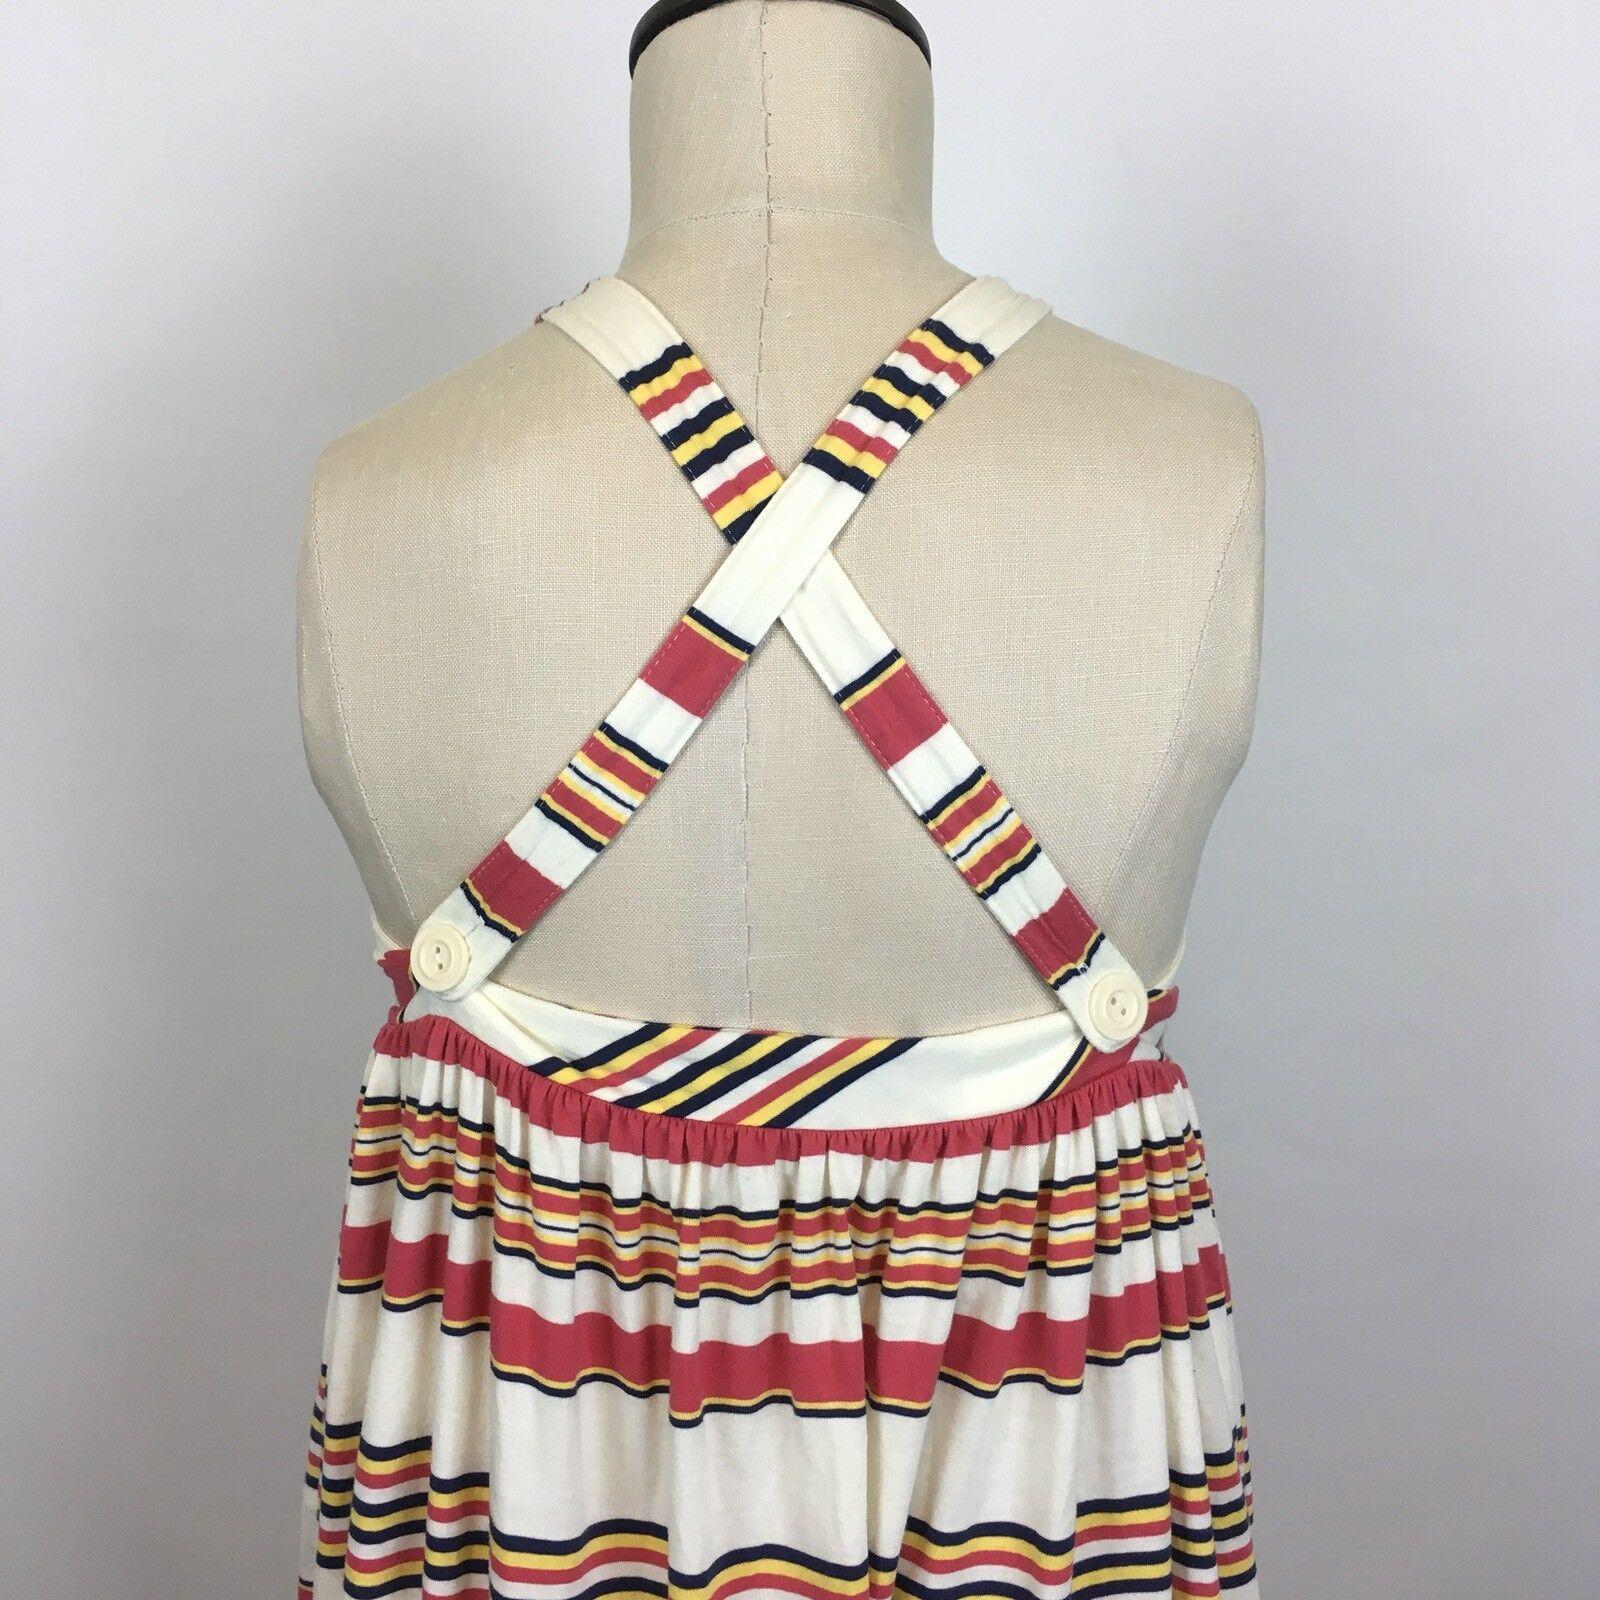 Ralph Lauren Womens Striped Sleeveless Dress Dress Dress With Straps Size XL A094 4a0c1a